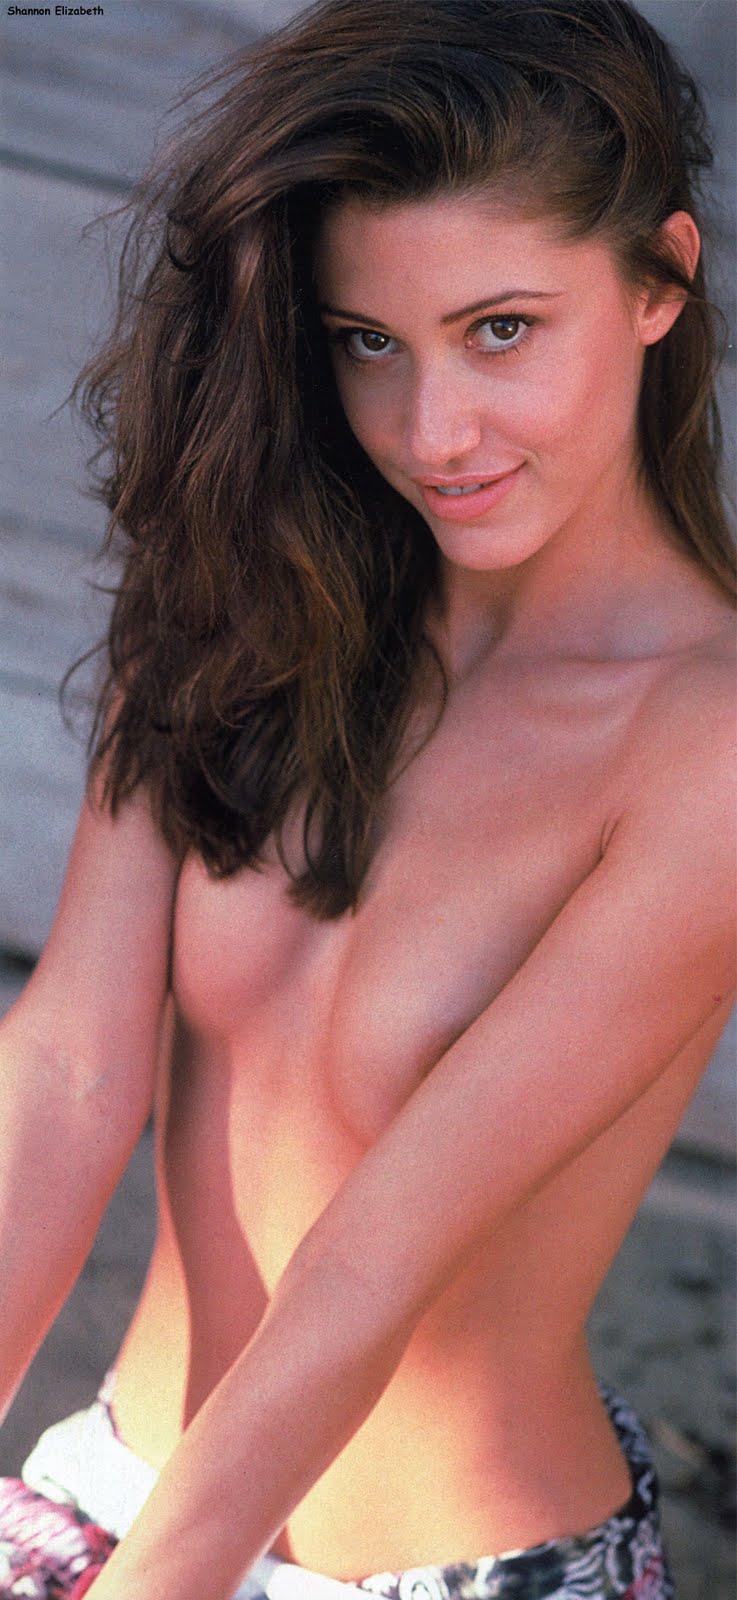 http://3.bp.blogspot.com/_EDFqmuHfAF0/SsGKsrTNUjI/AAAAAAAACpU/0XDa0kIzO_Q/s1600/Shannon+Elizabeth-111.jpg